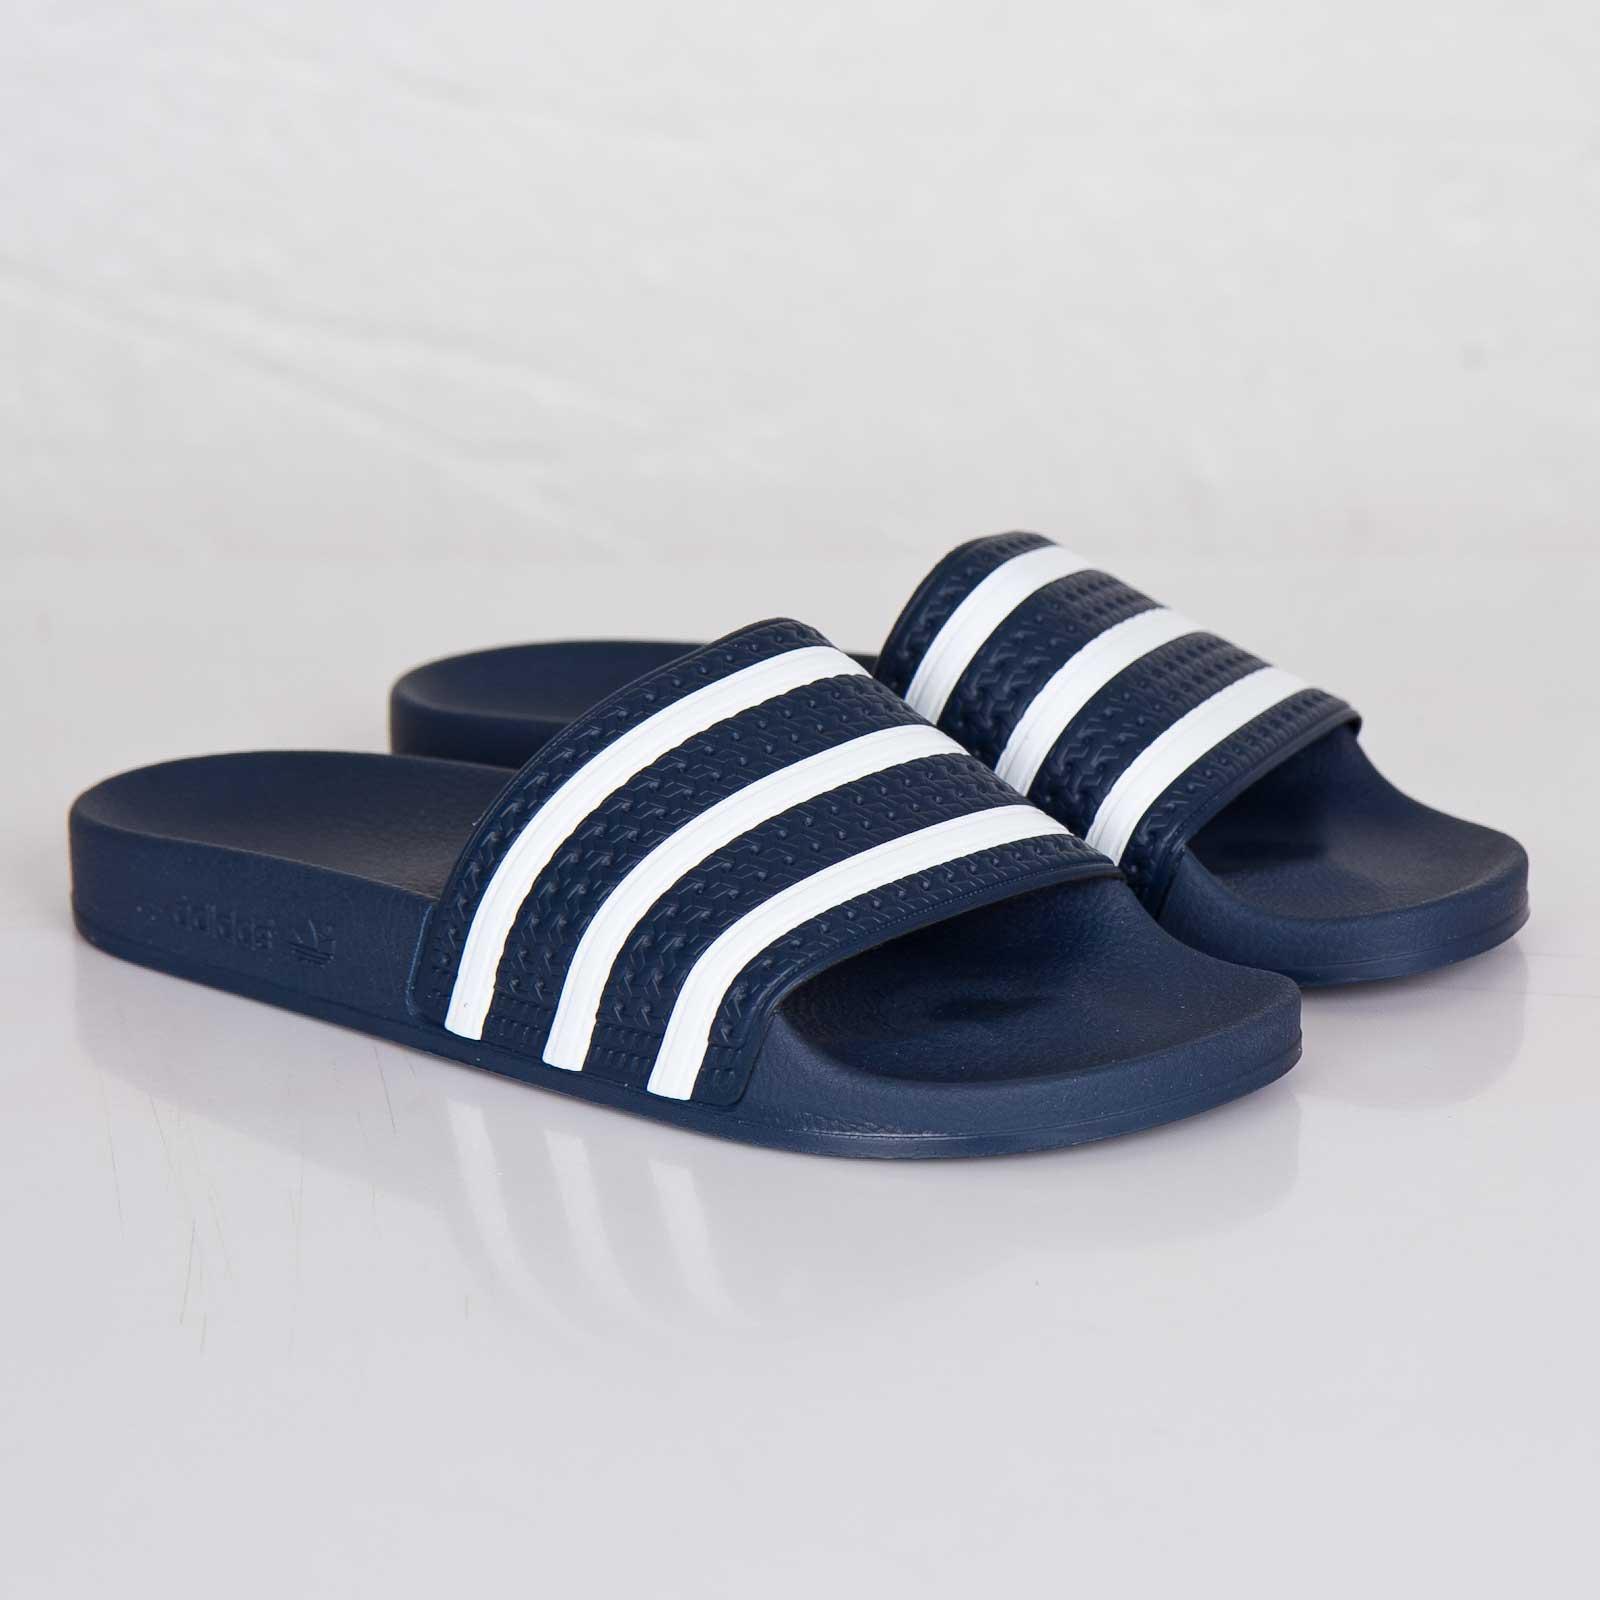 wholesale dealer 0d966 a205a adidas Adilette - 288022 - Sneakersnstuff  sneakers  streetw